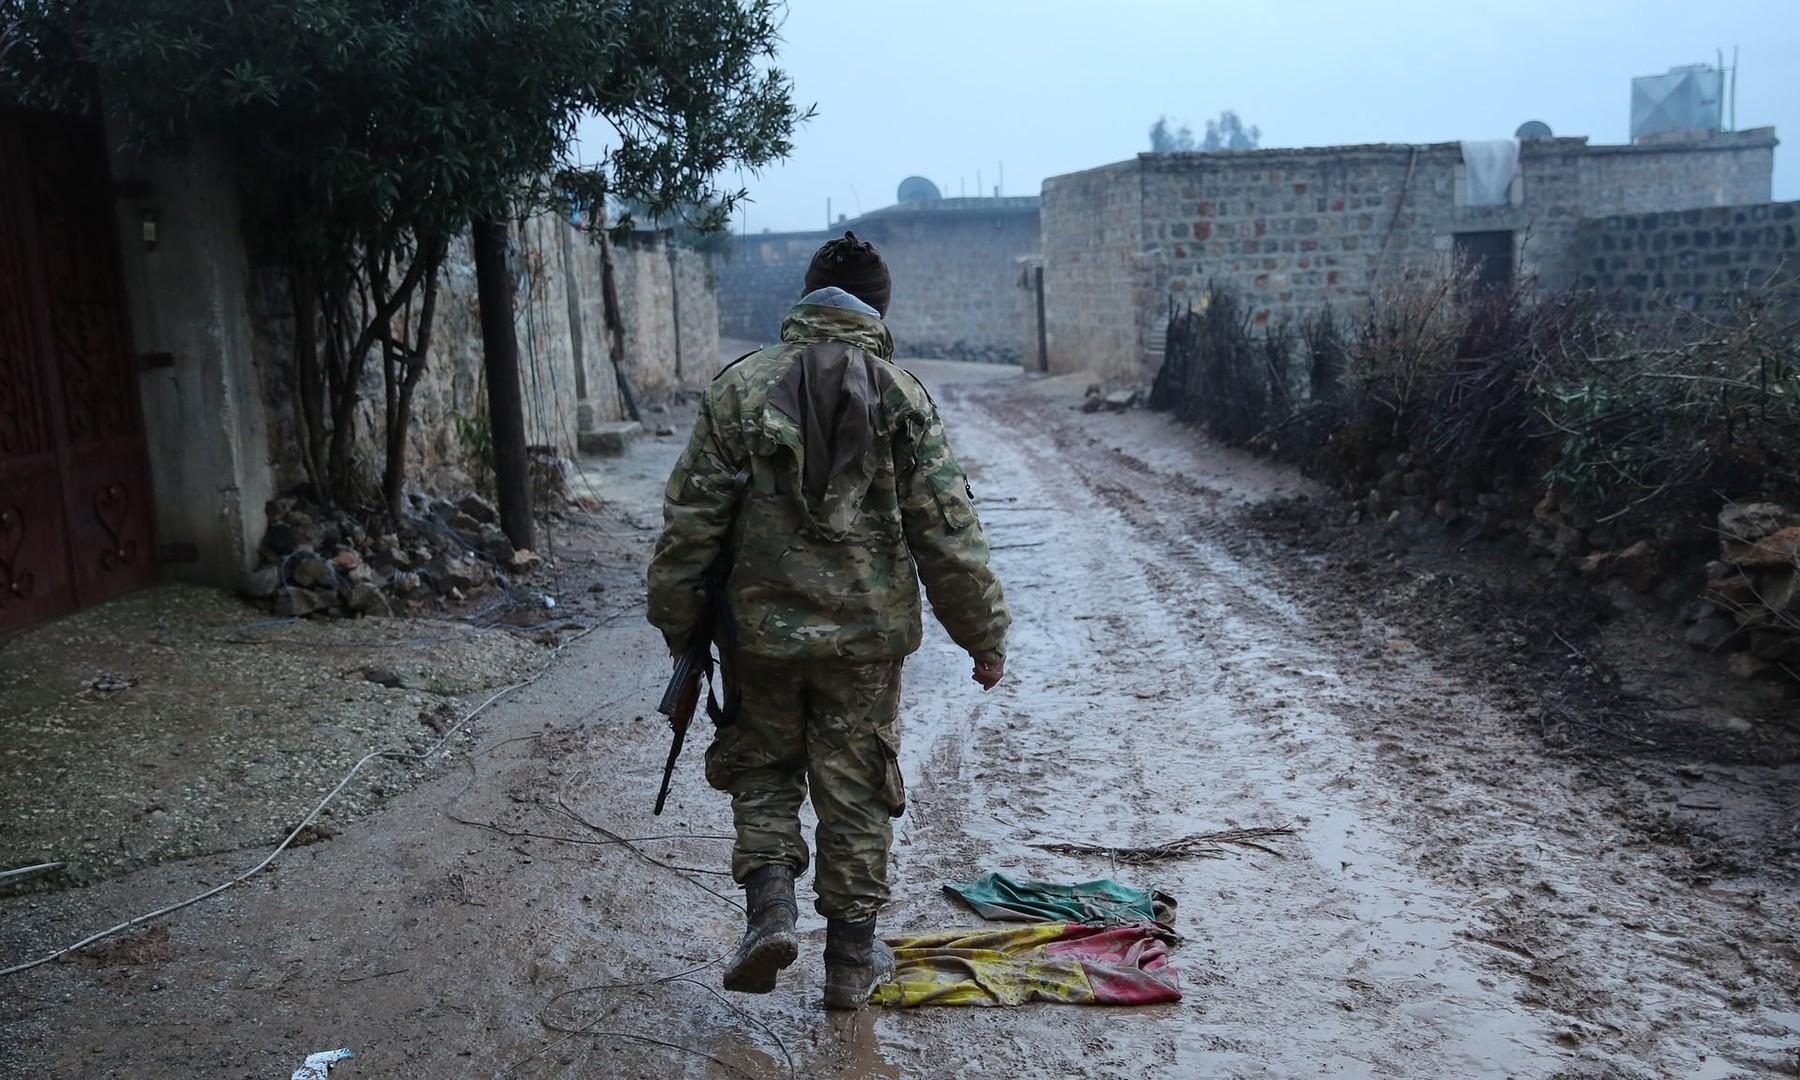 من انتصارات ميدانية نحو كسر العزلة.. أبرز ما جاء على الساحة السورية عام 2018